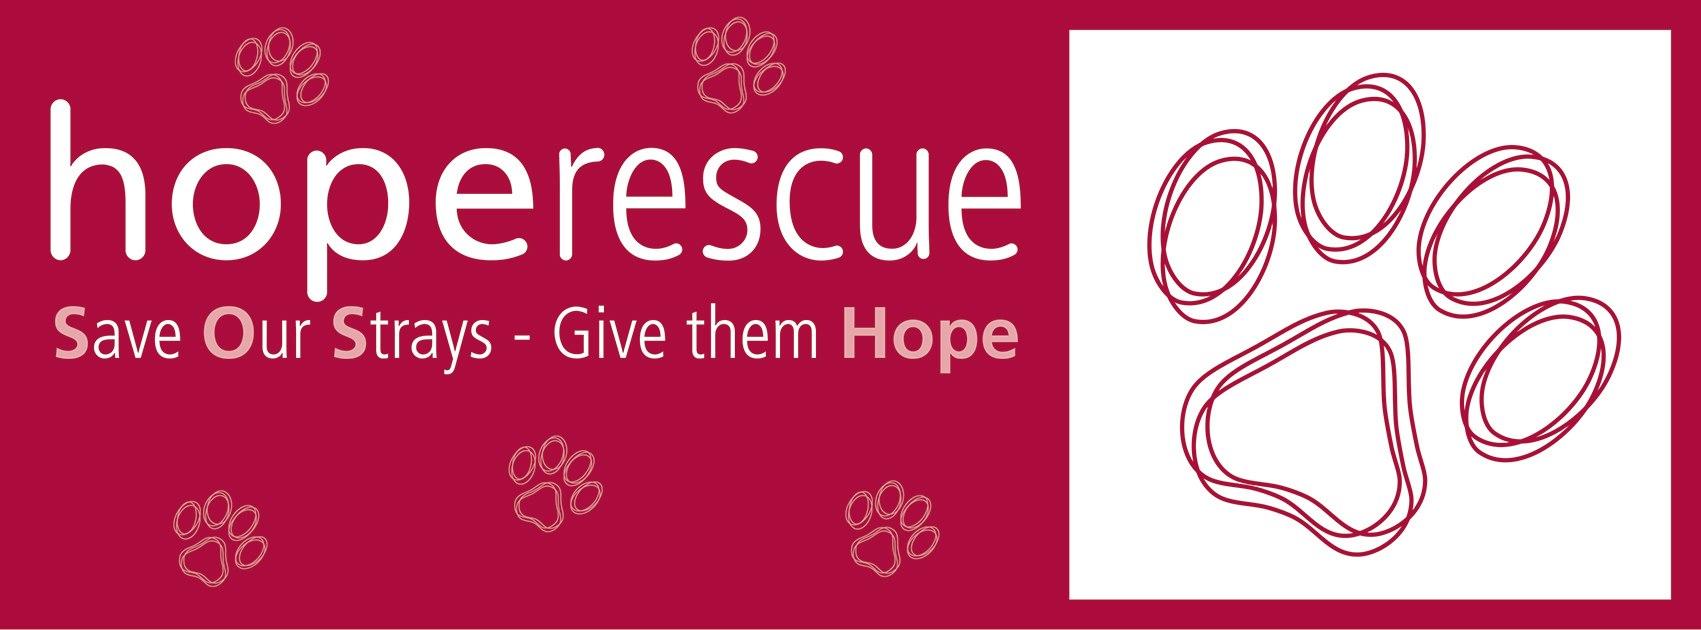 hope rescue logo